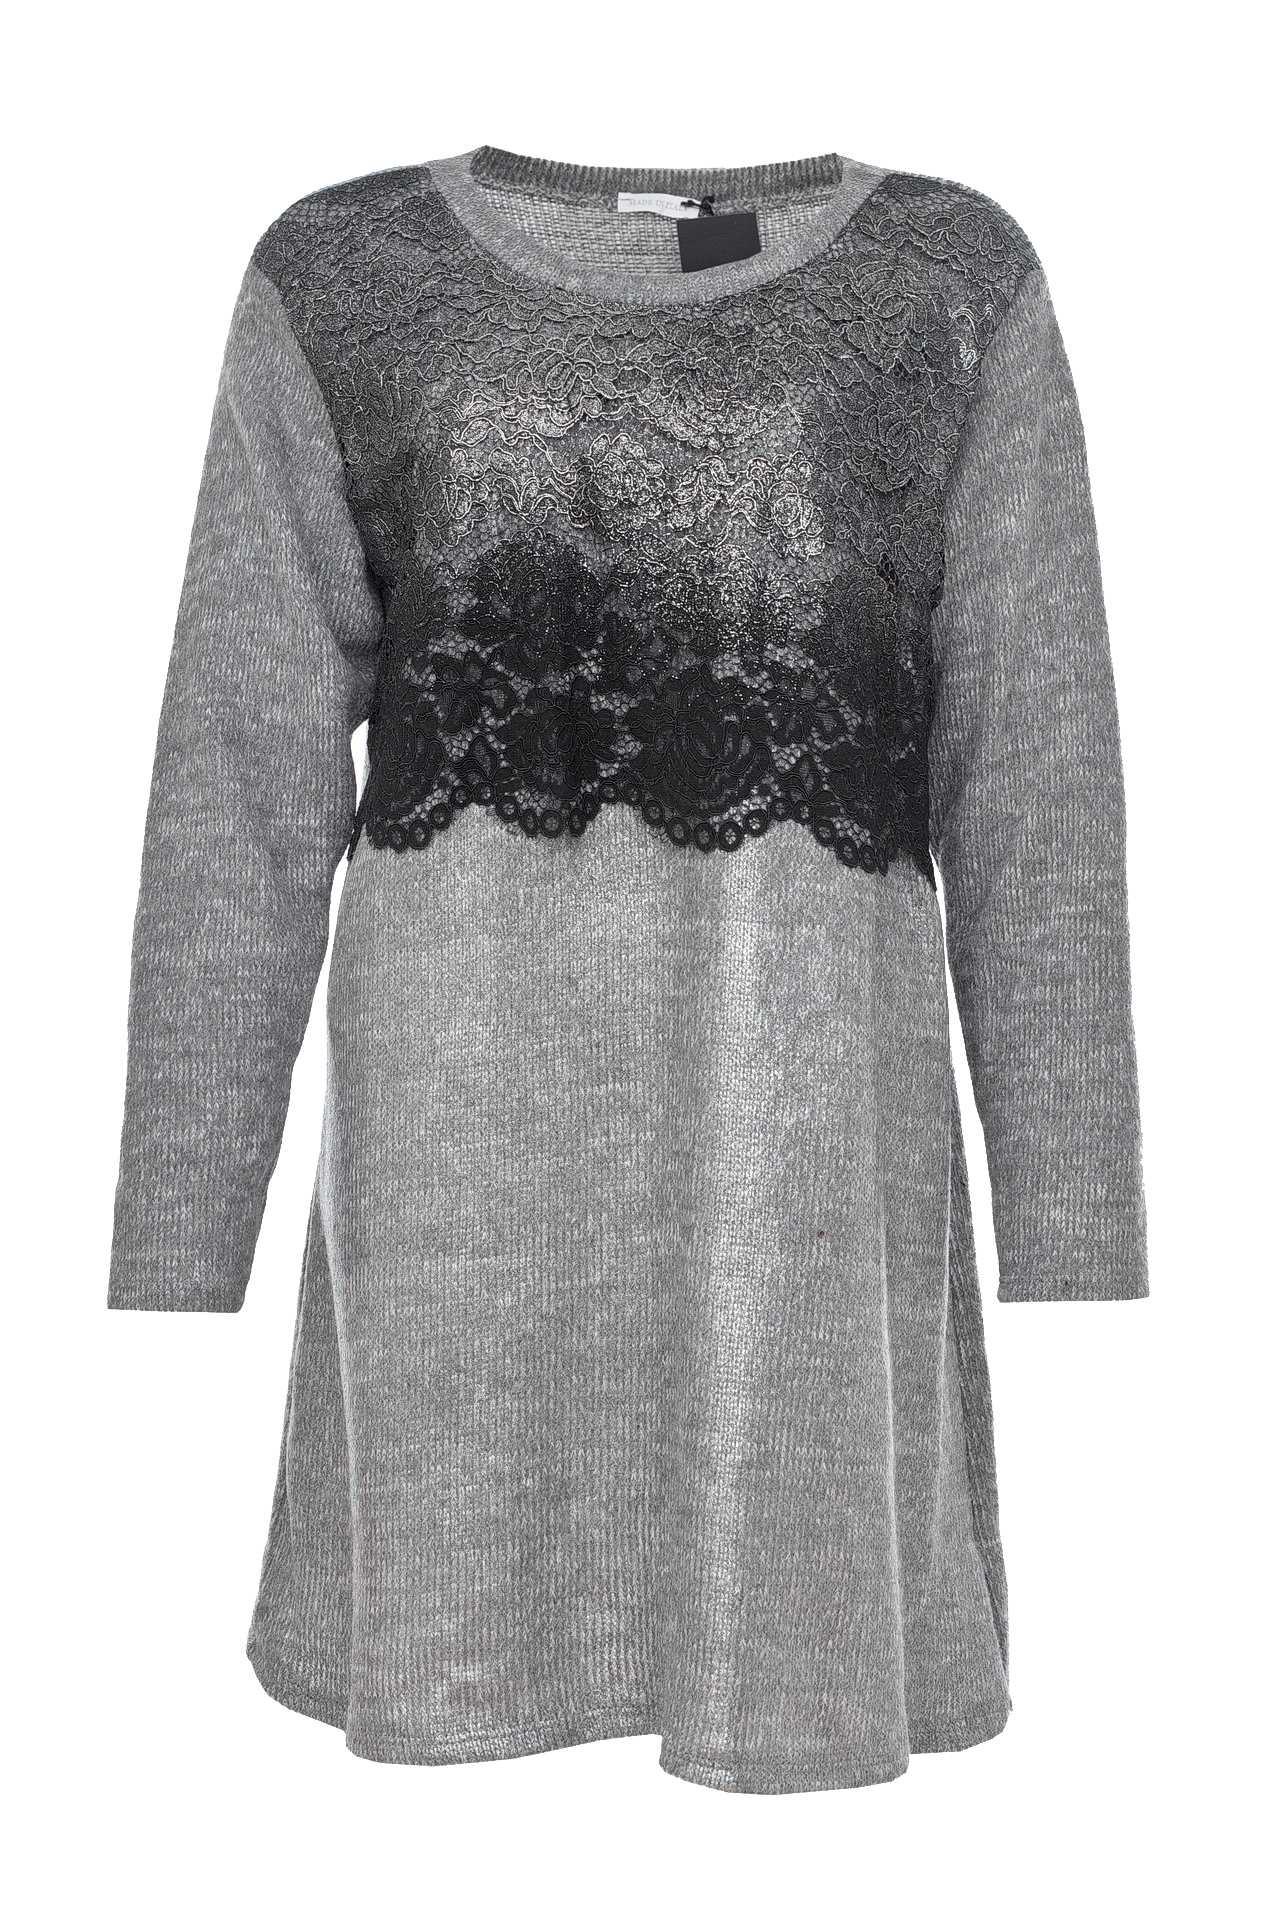 Платье INTREND21 длинный свитер с кружевом внизу купить